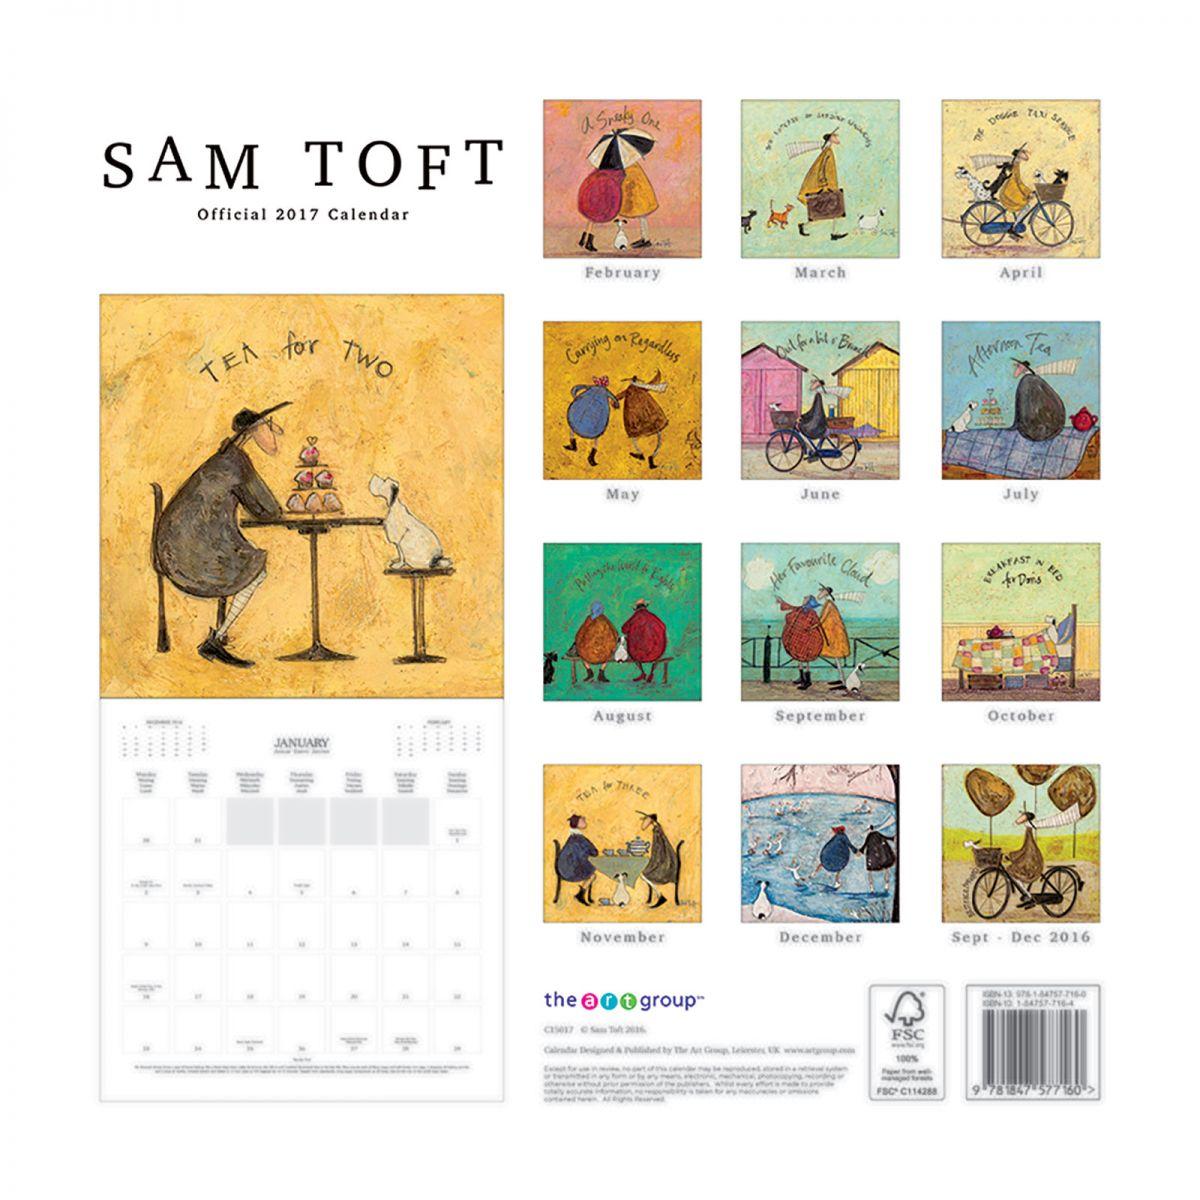 Sam Toft Oficjalny Kalendarz 2017